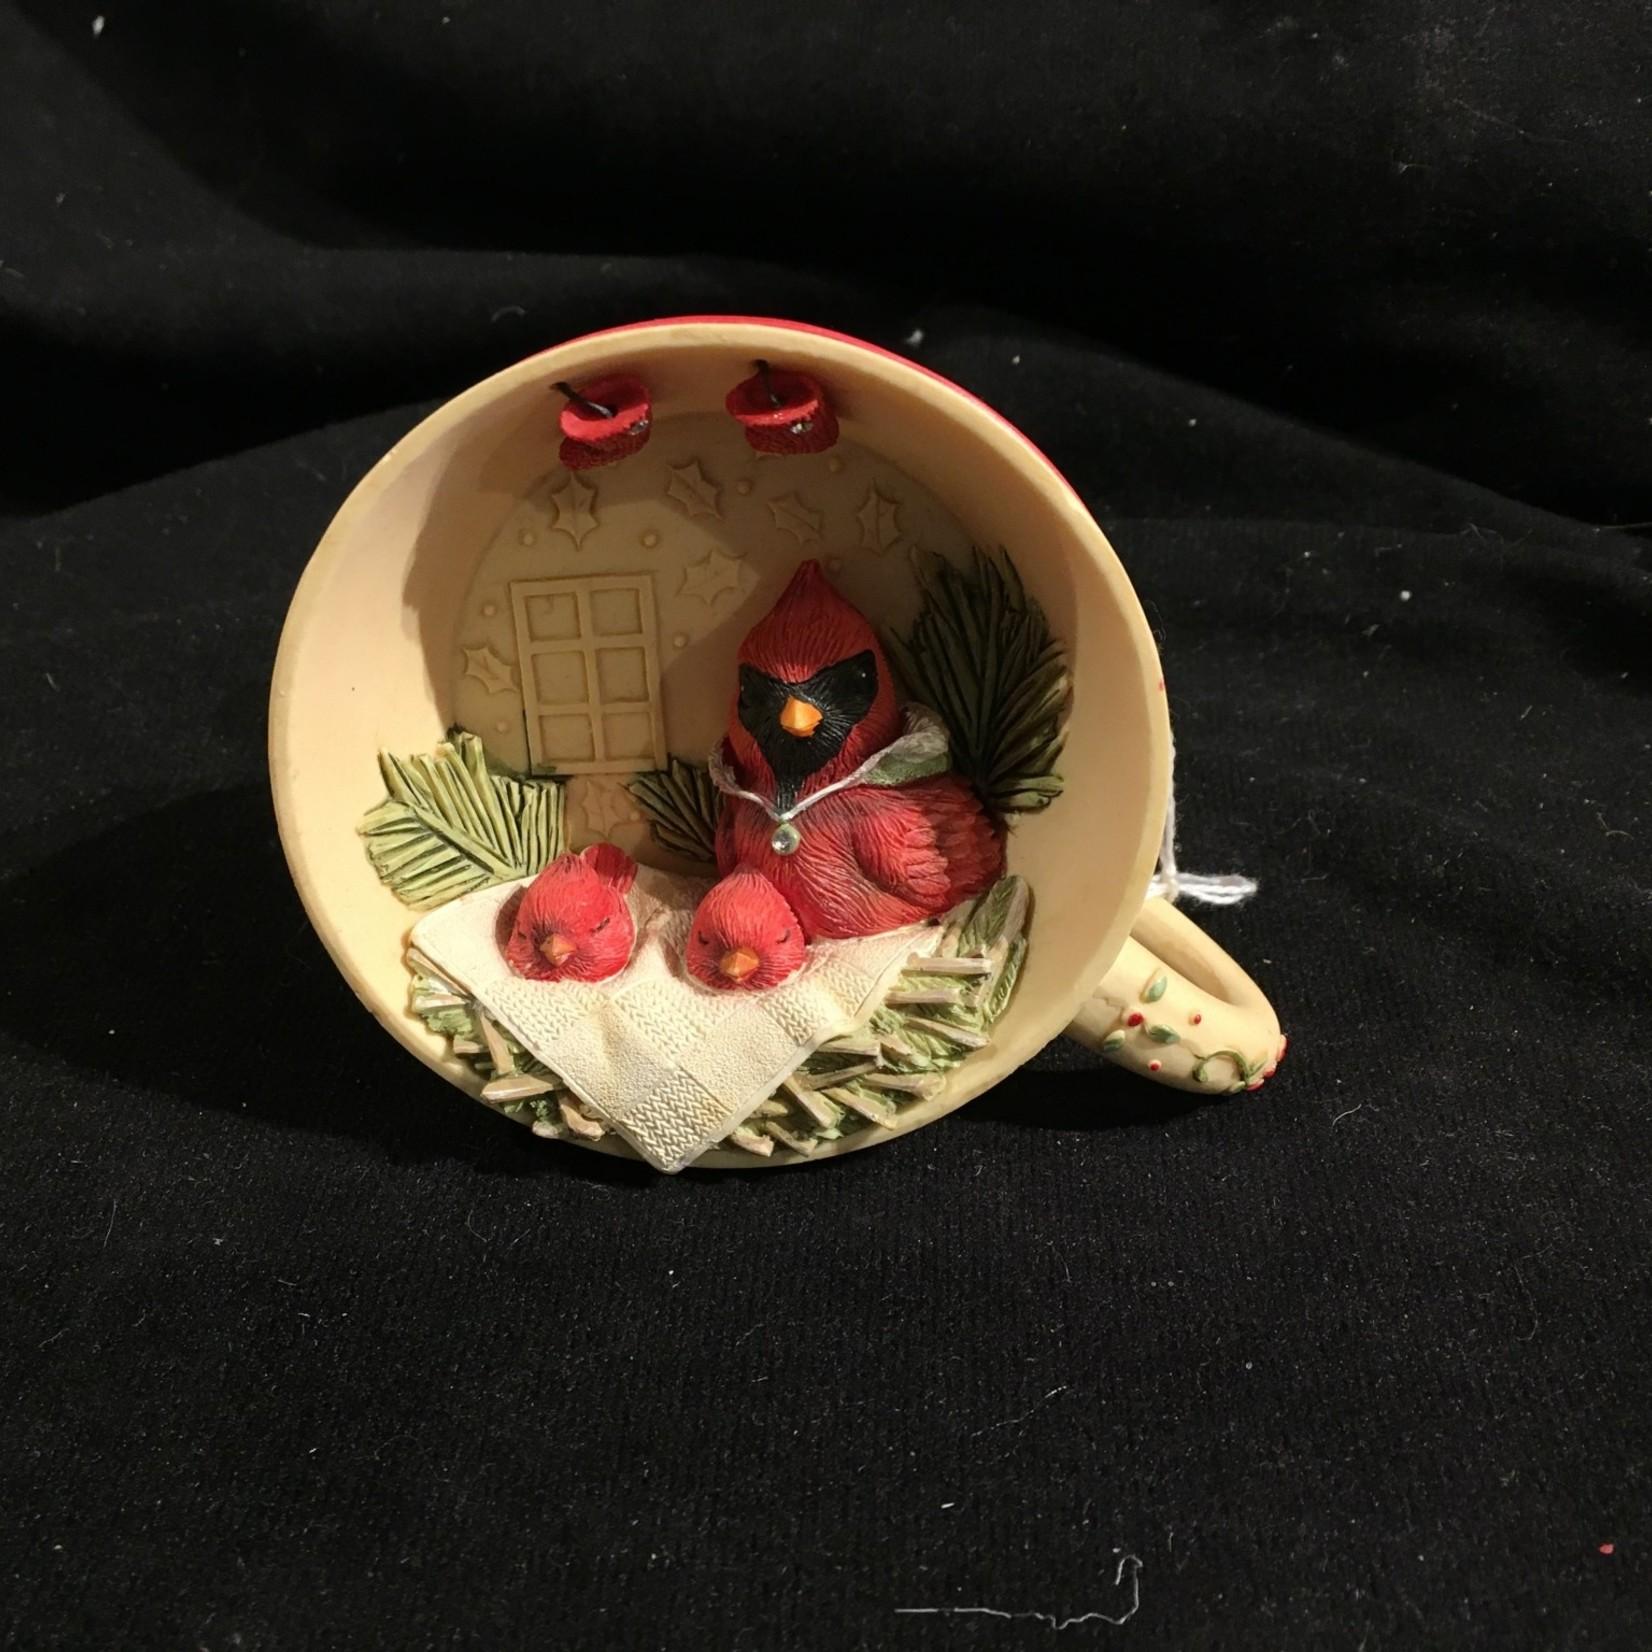 Cardinals in Teacup Figurine